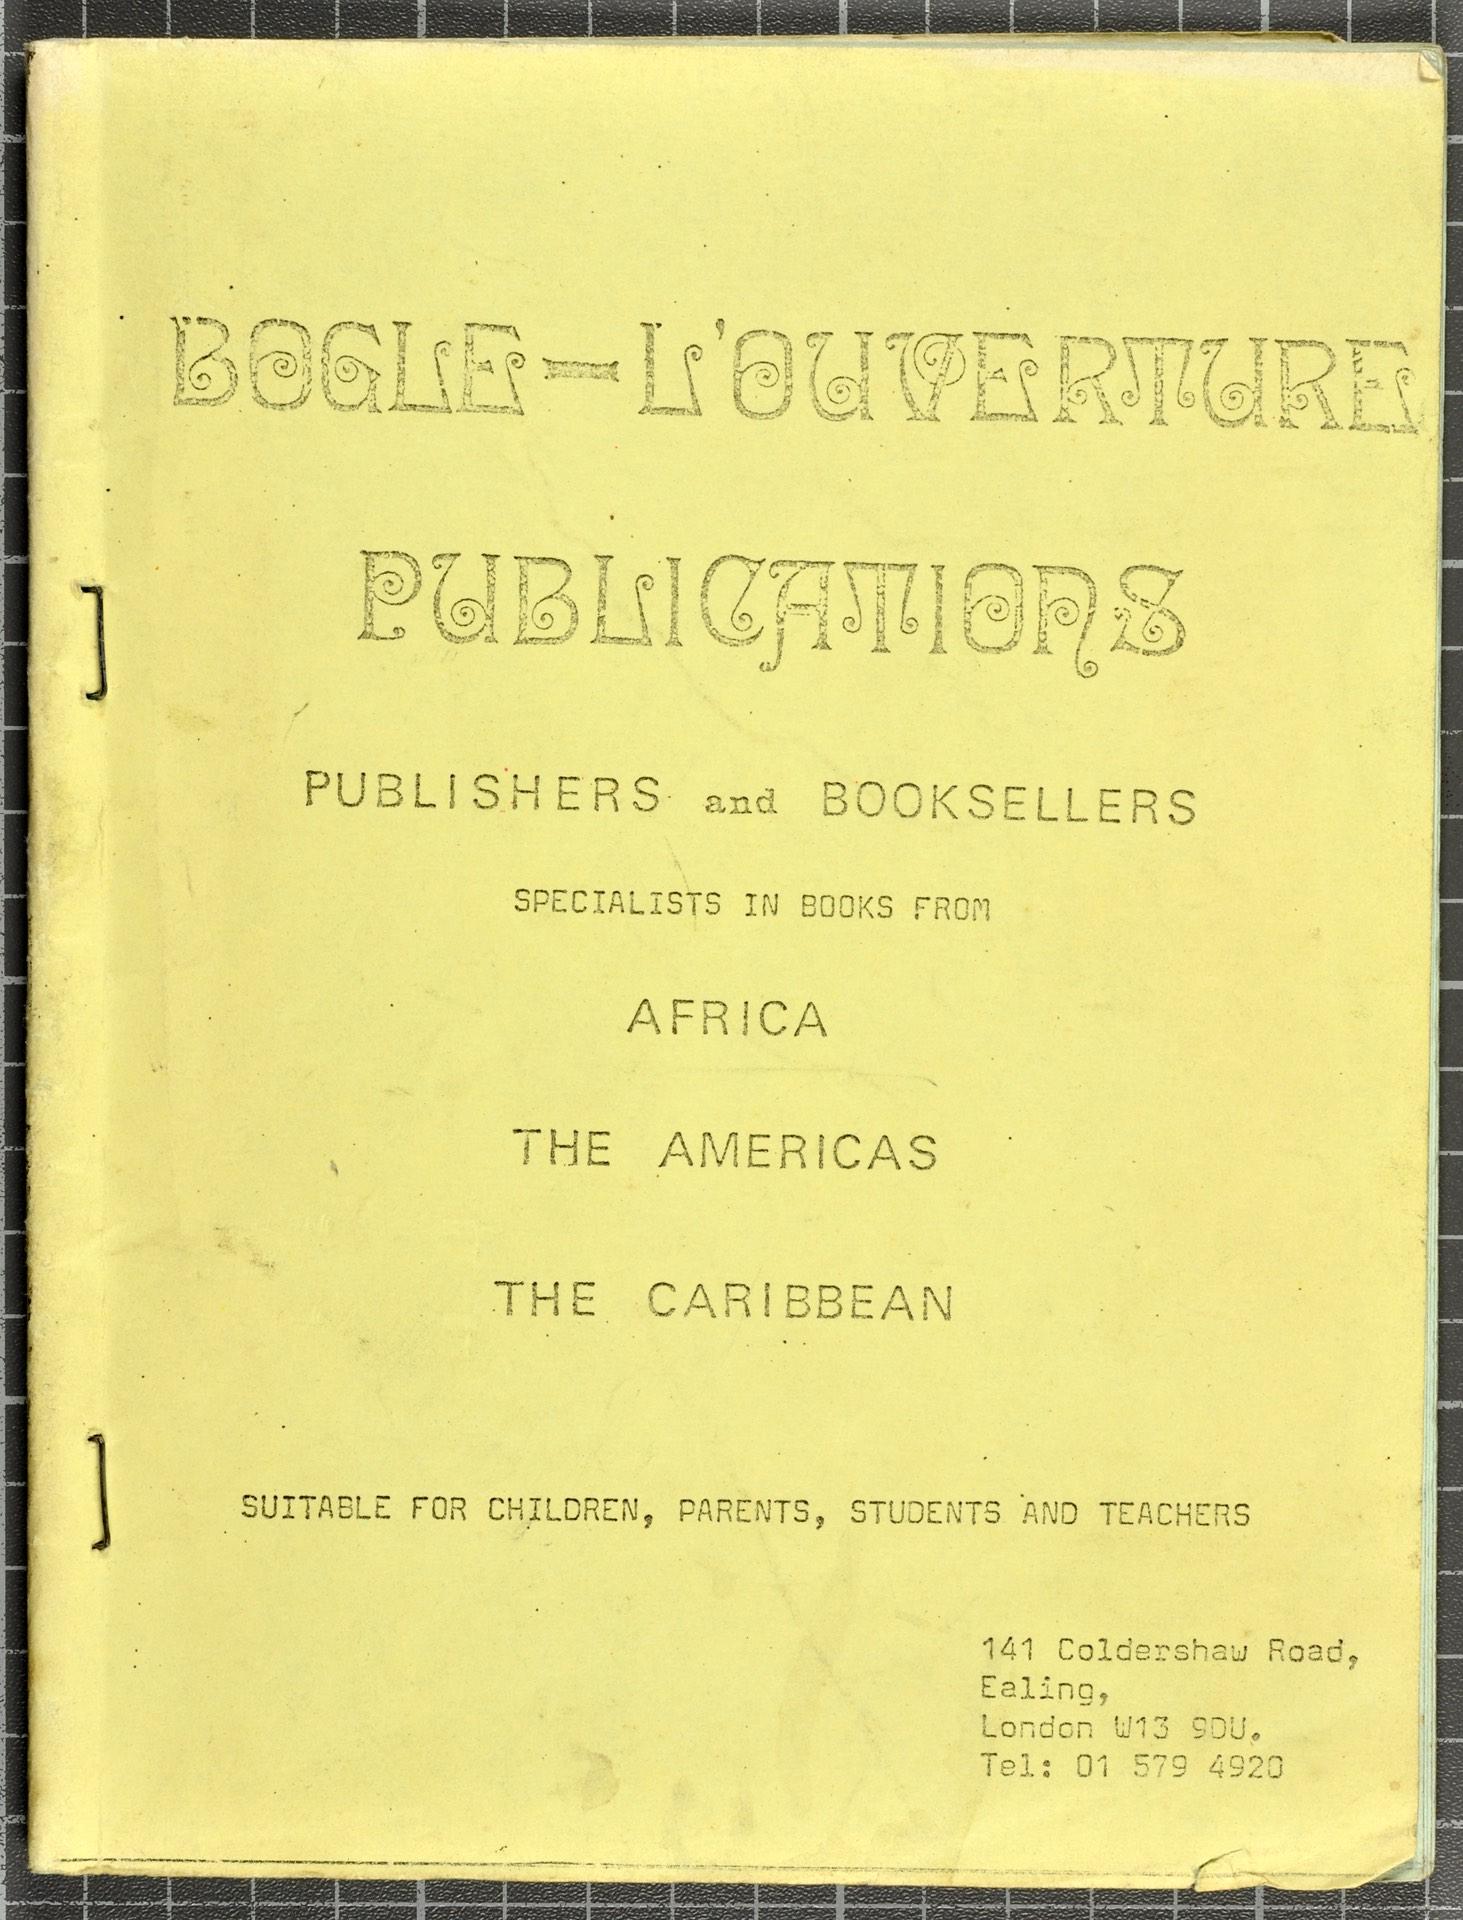 _06 Bogle-L'Ouverture Publications (catalogue). c1970s. Huntley Archives at London Metropolitan Arch